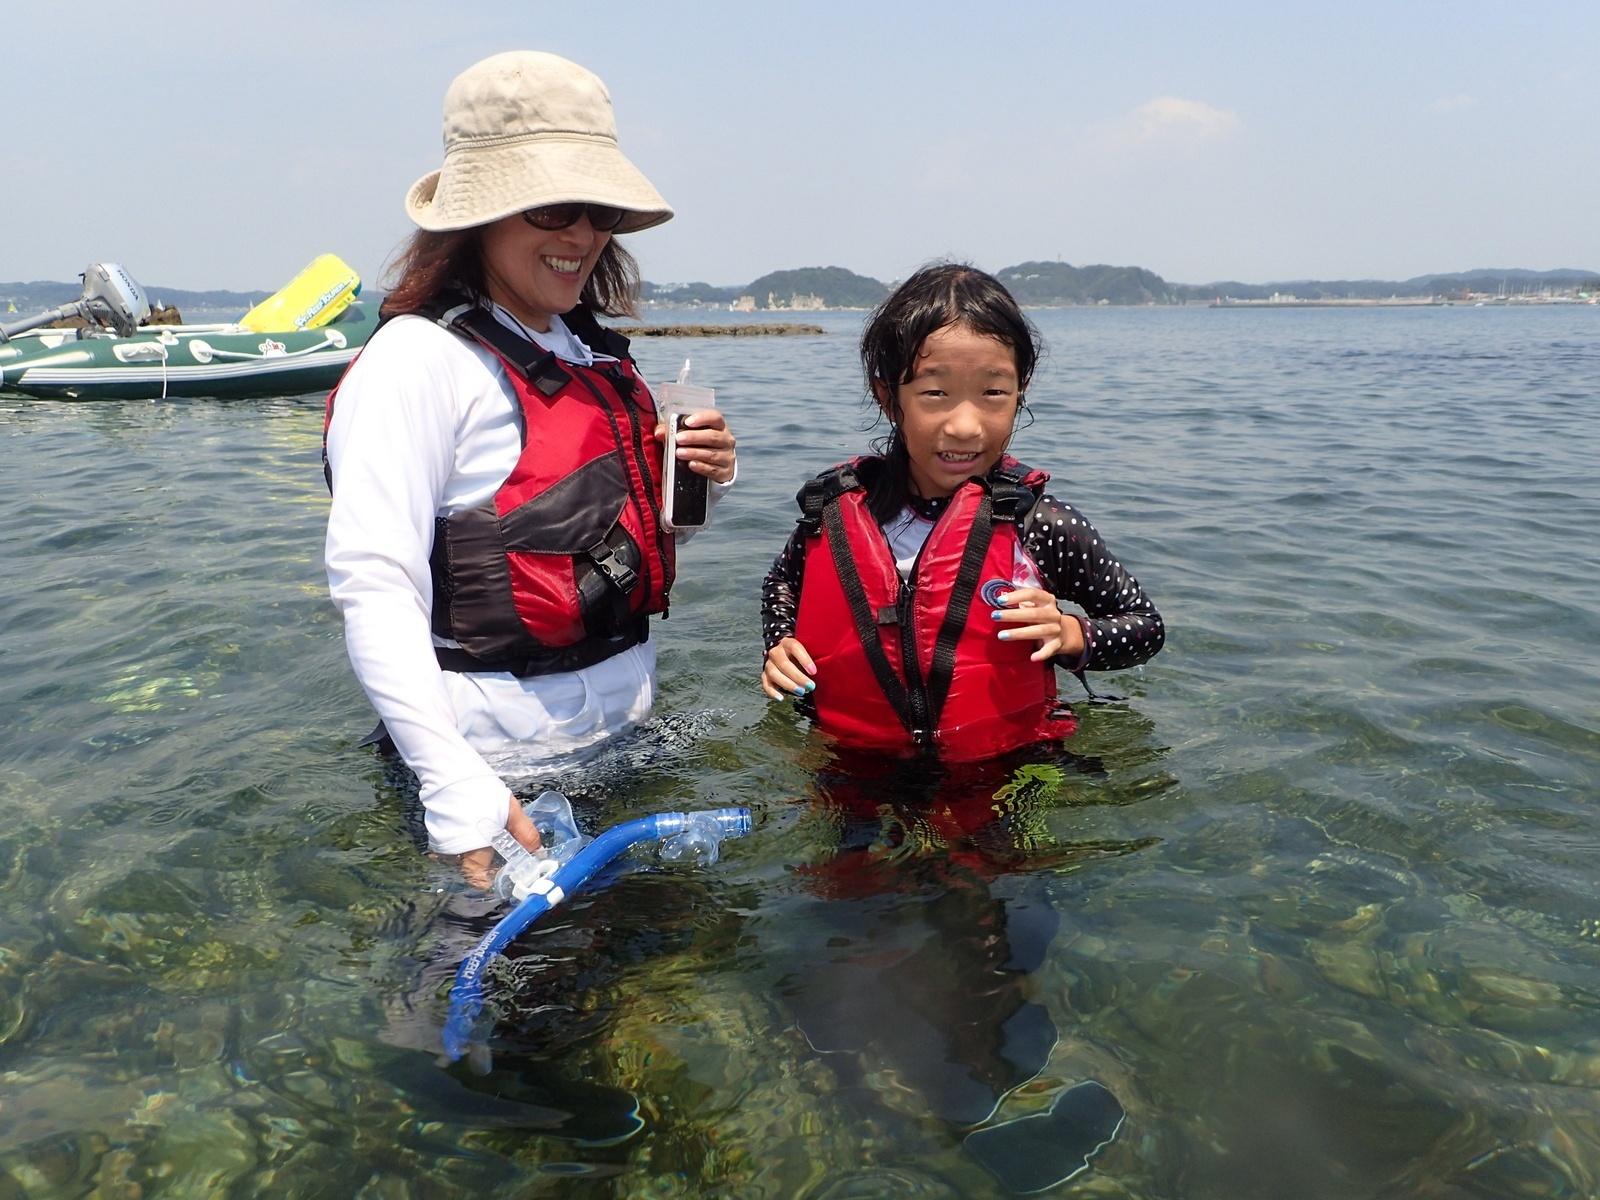 http://sotoasobi.net/activity/sea-kayak/3/14/25/55/236